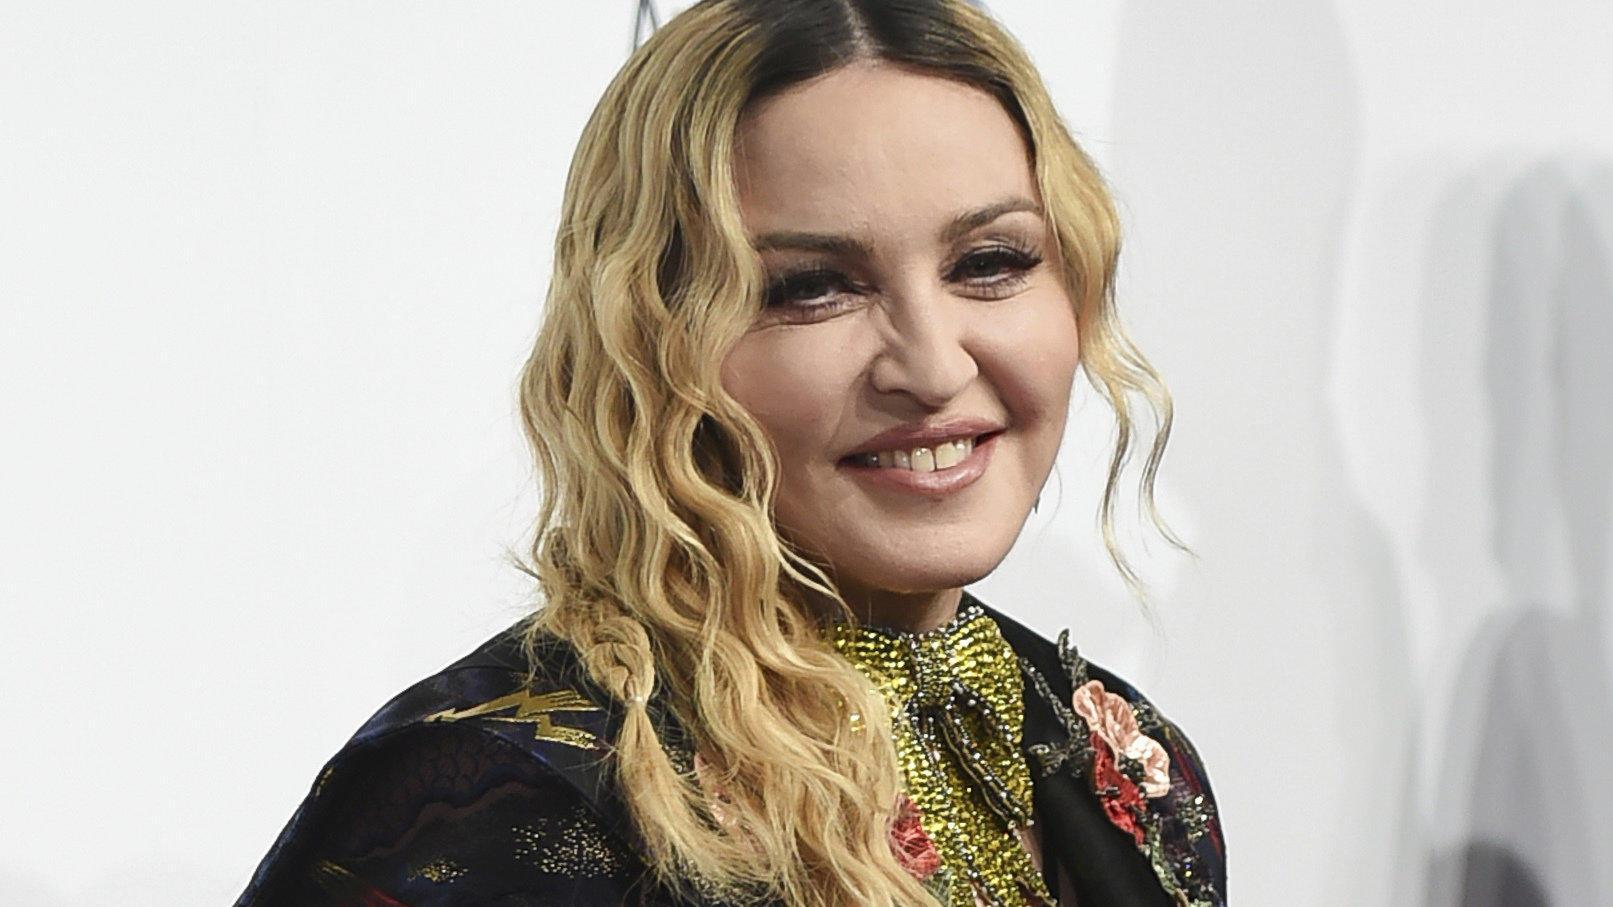 Madonna sieht die Welt mit anderen Augen. Ob es an den Drogen liegt?